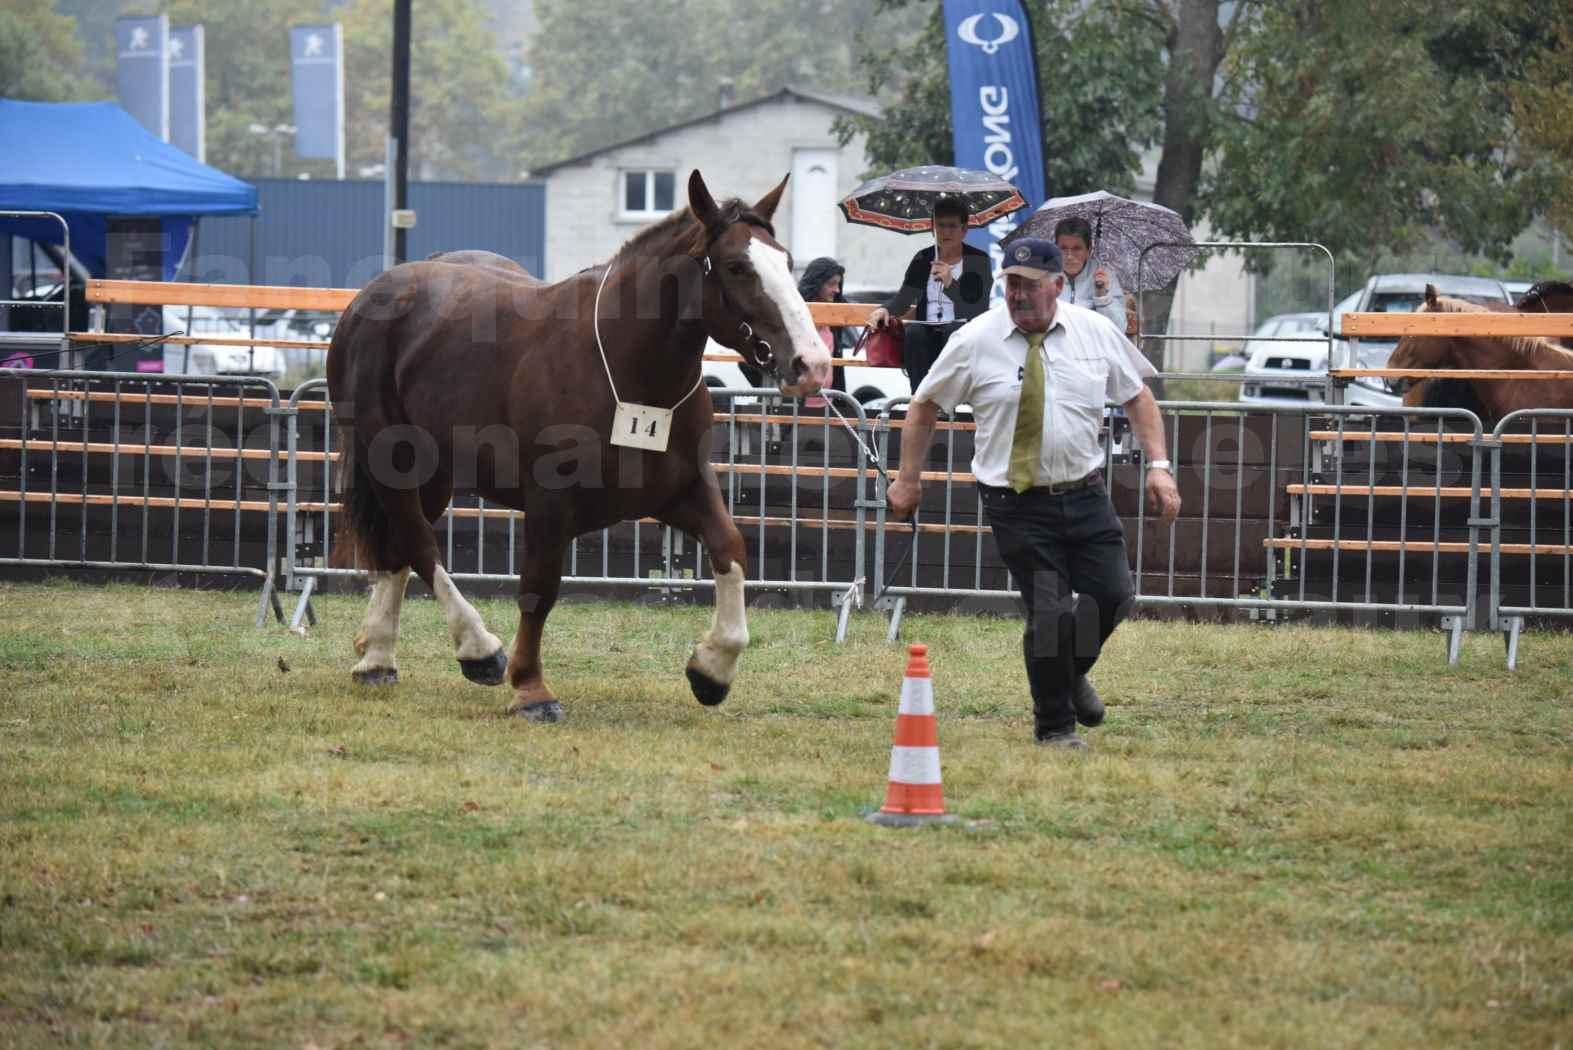 Concours Régional de chevaux de traits en 2017 - Trait BRETON - FRIVOLE DU JAUDY - 13